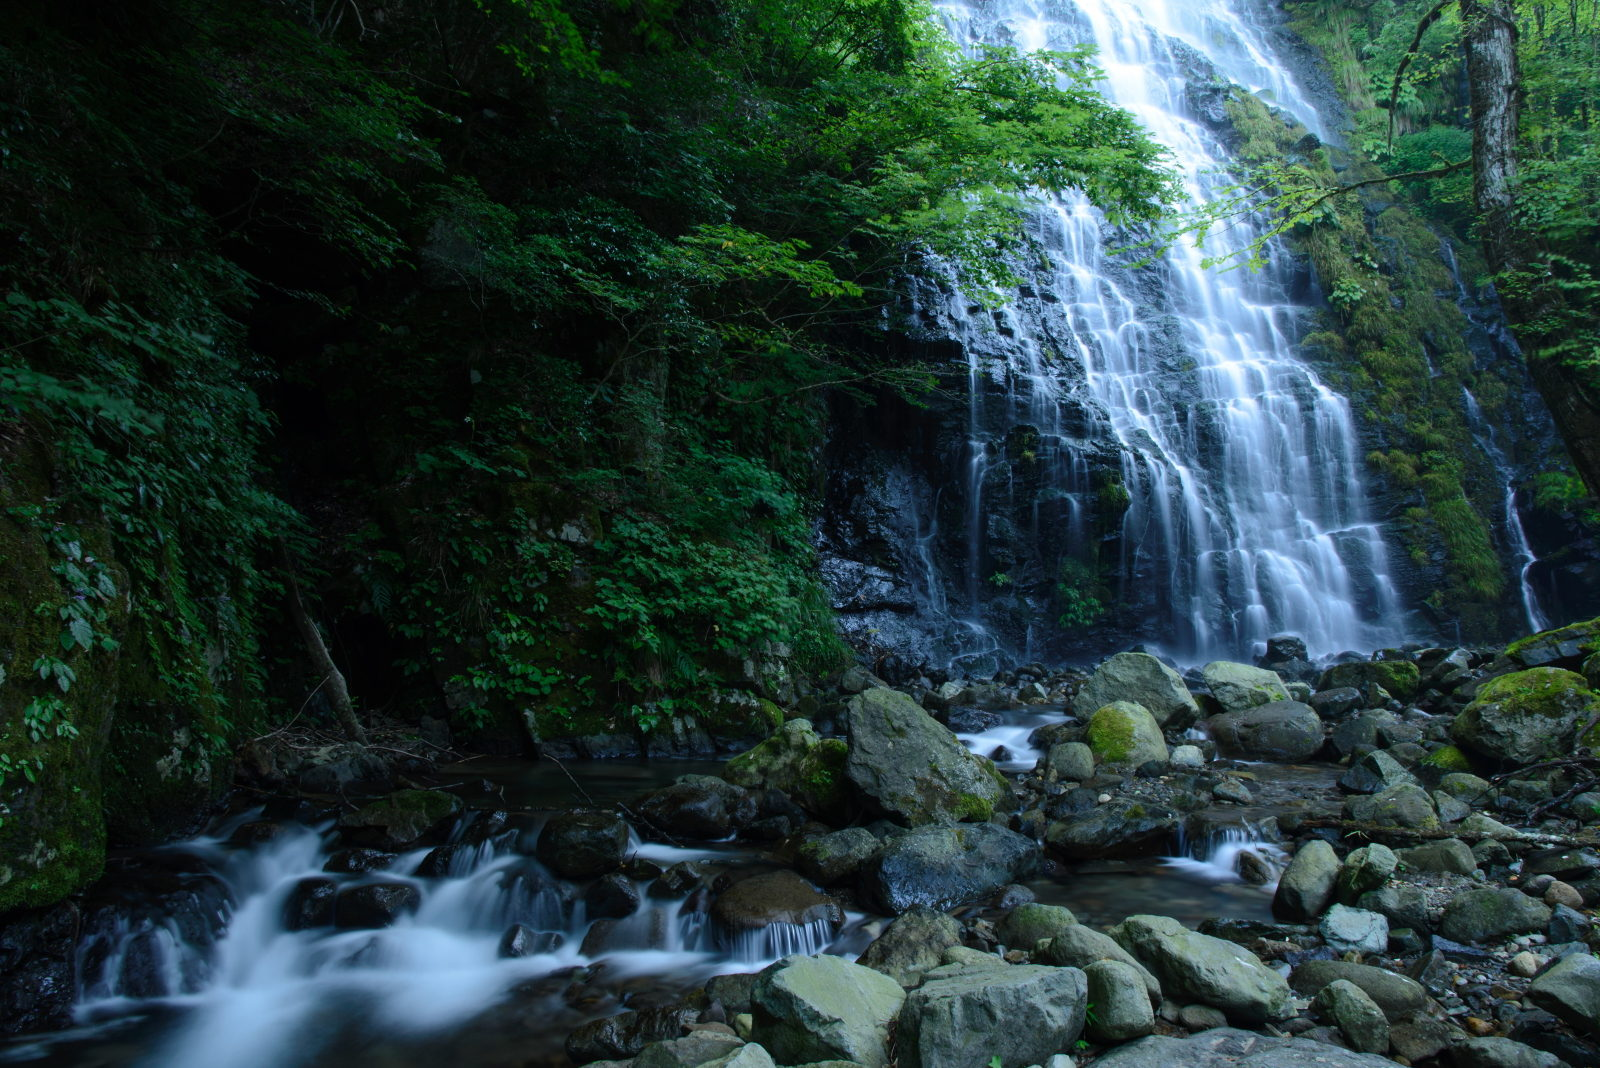 Ryuso Falls